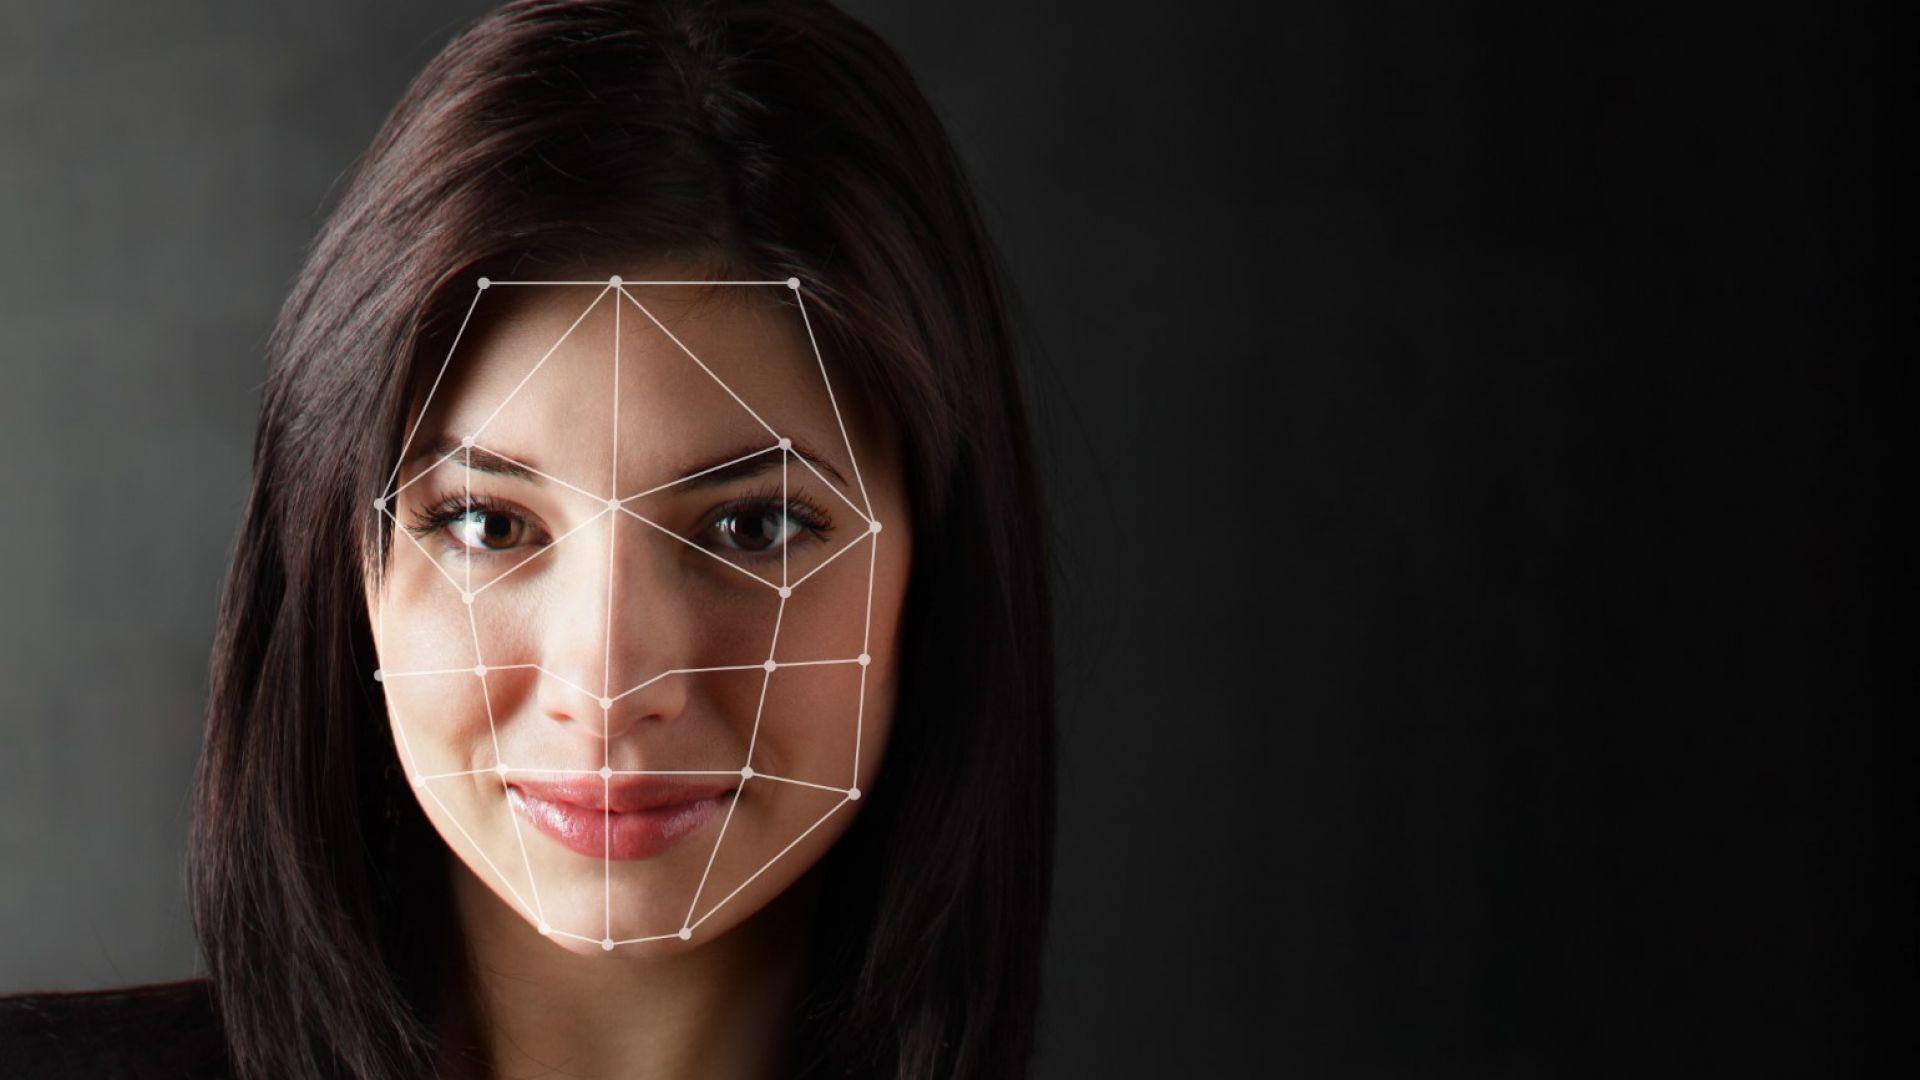 САЩ обмислят сканиране на лица на пътниците по летищата